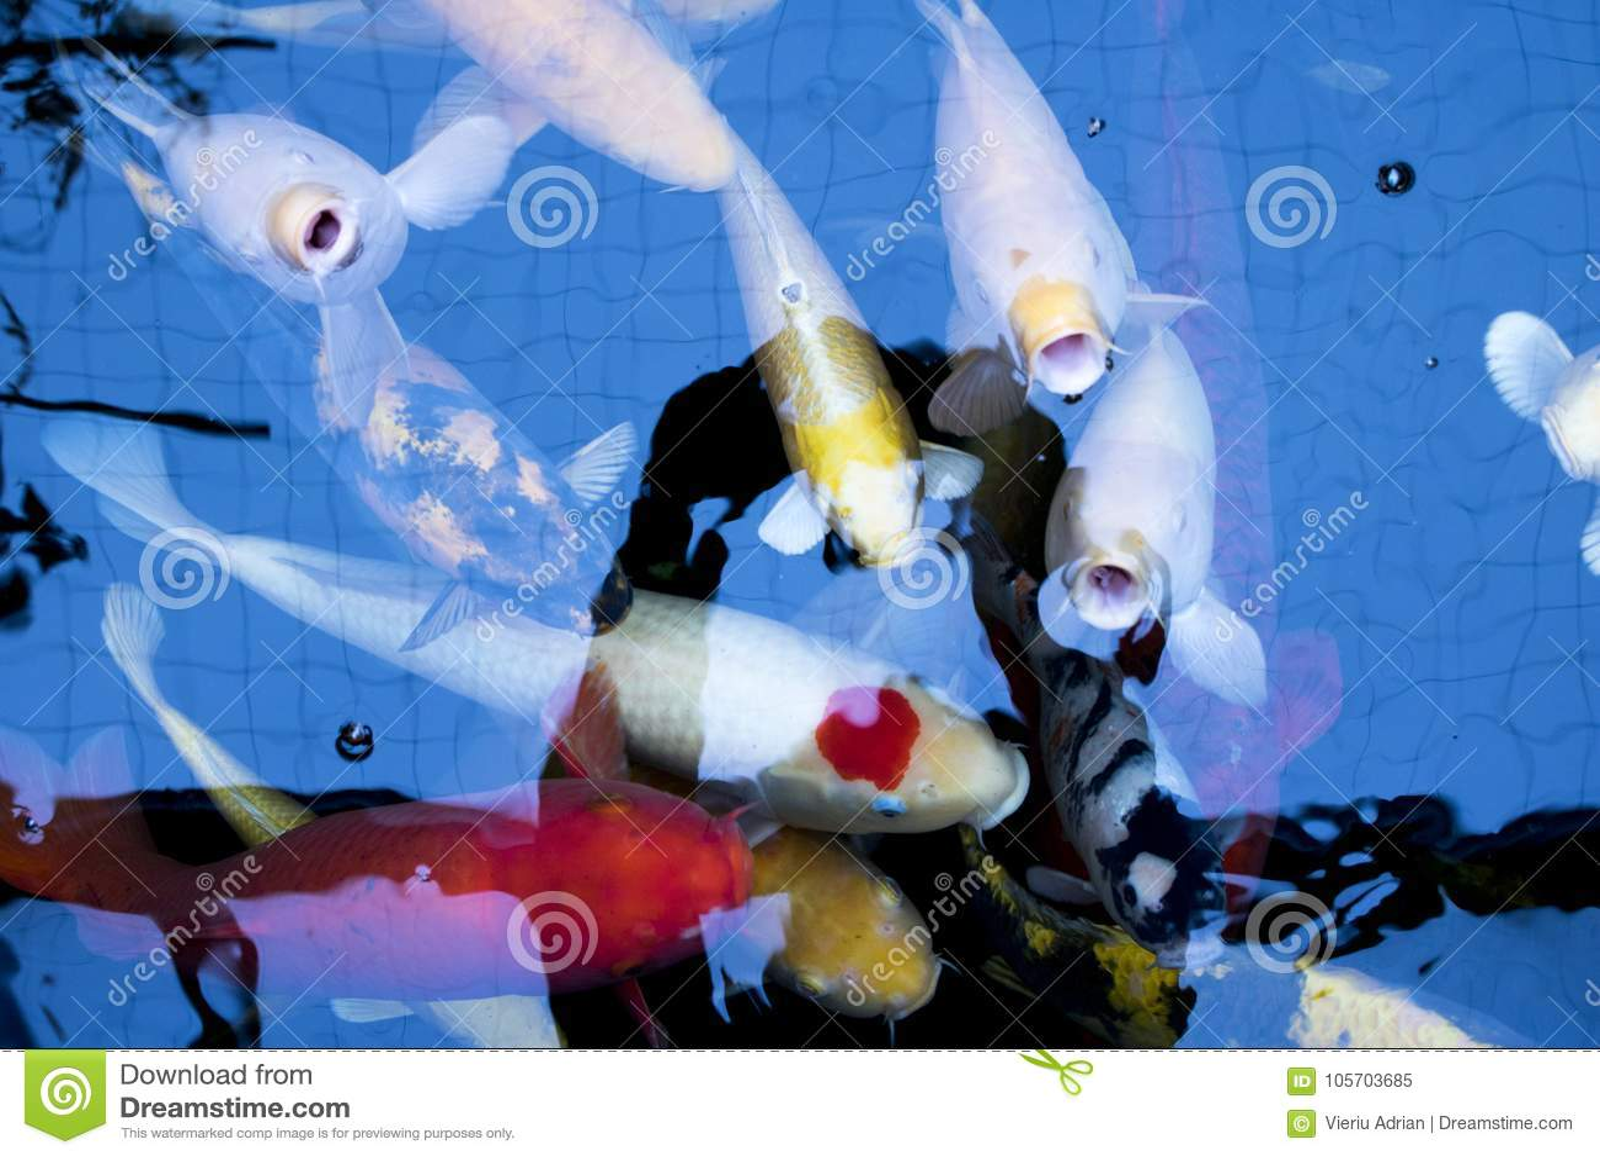 Japanese Craps Fish Aquarium Animals Nature Stock Image Image Of